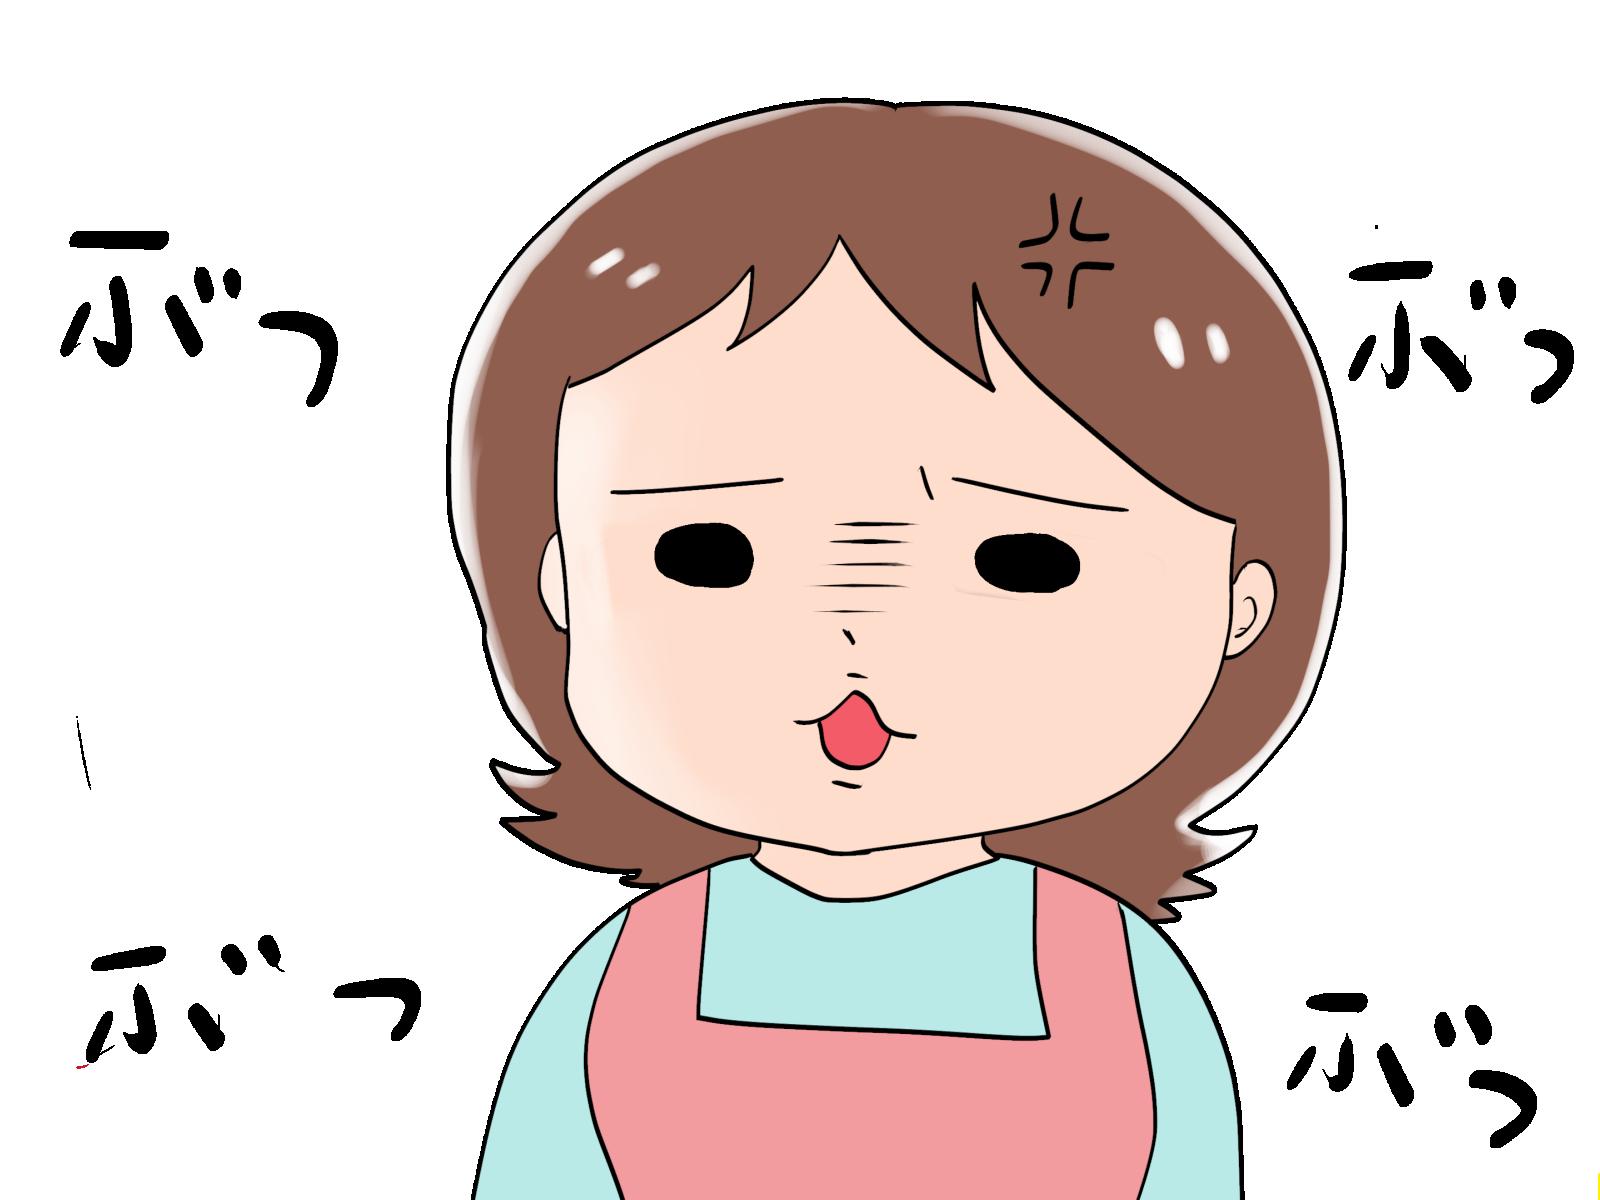 【オノマトペ】ぶつぶつの意味と例文